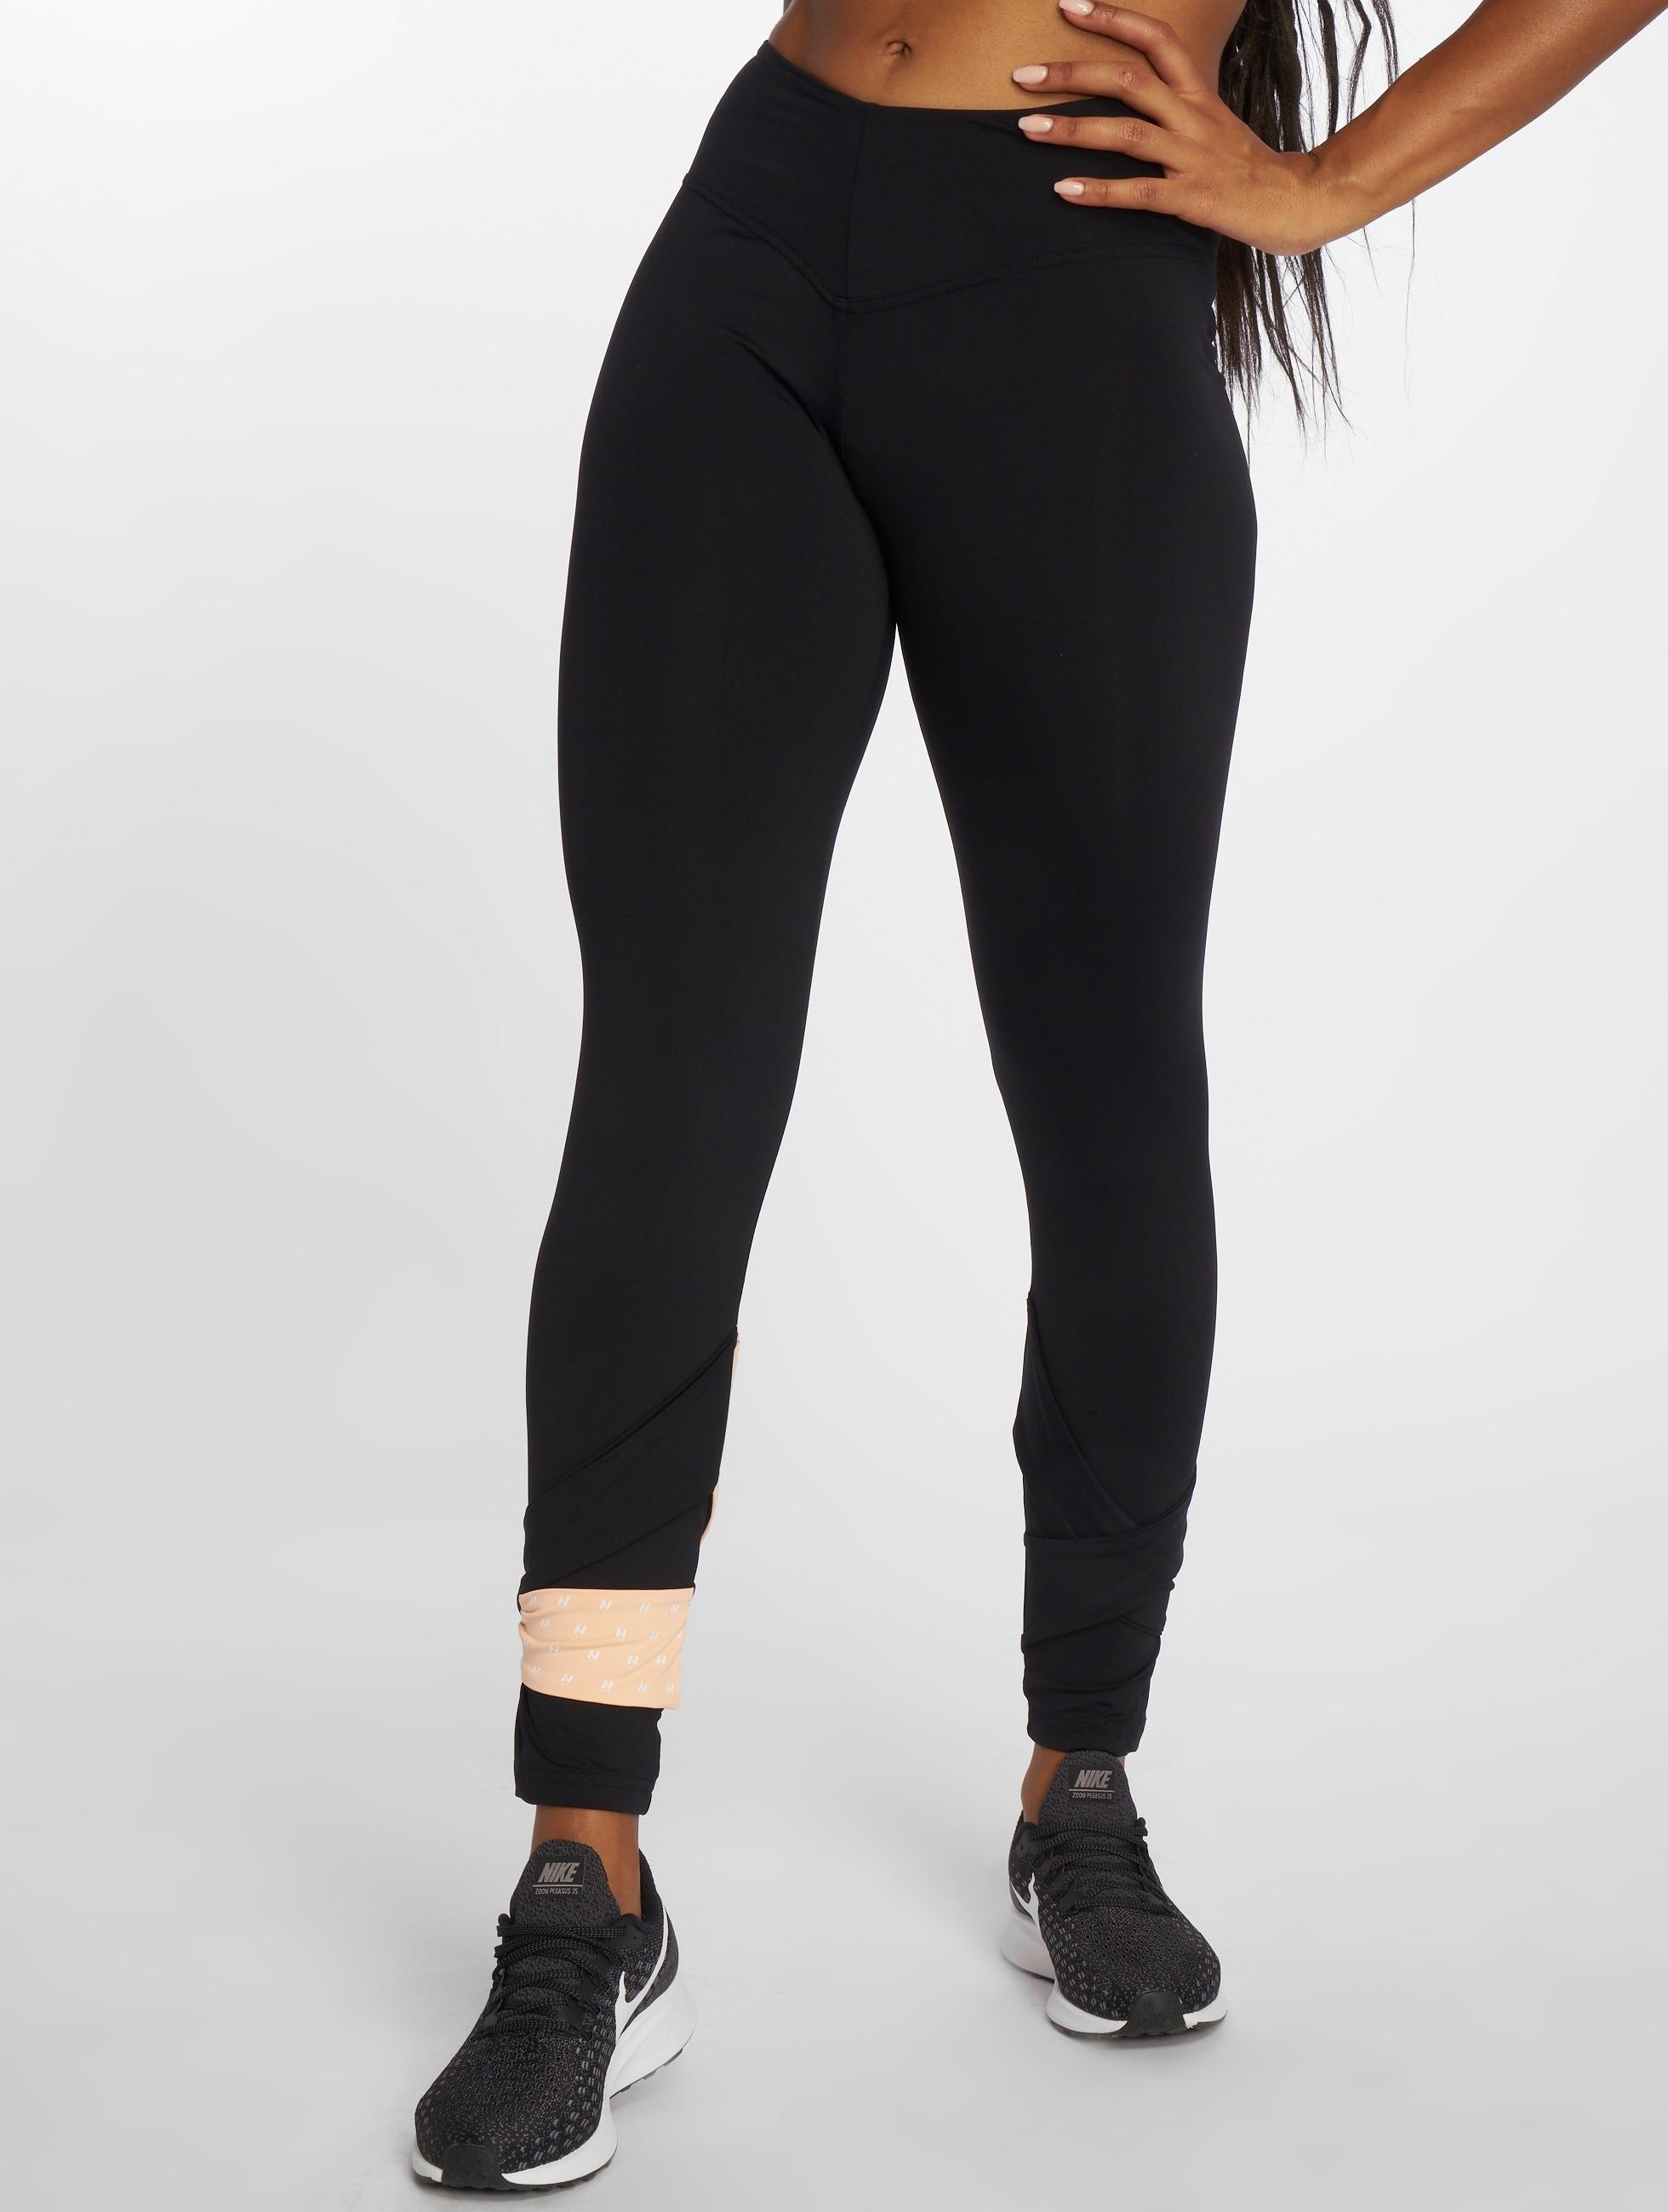 Nebbia | Asymmetrical 7/8 noir Femme Leggings de sport